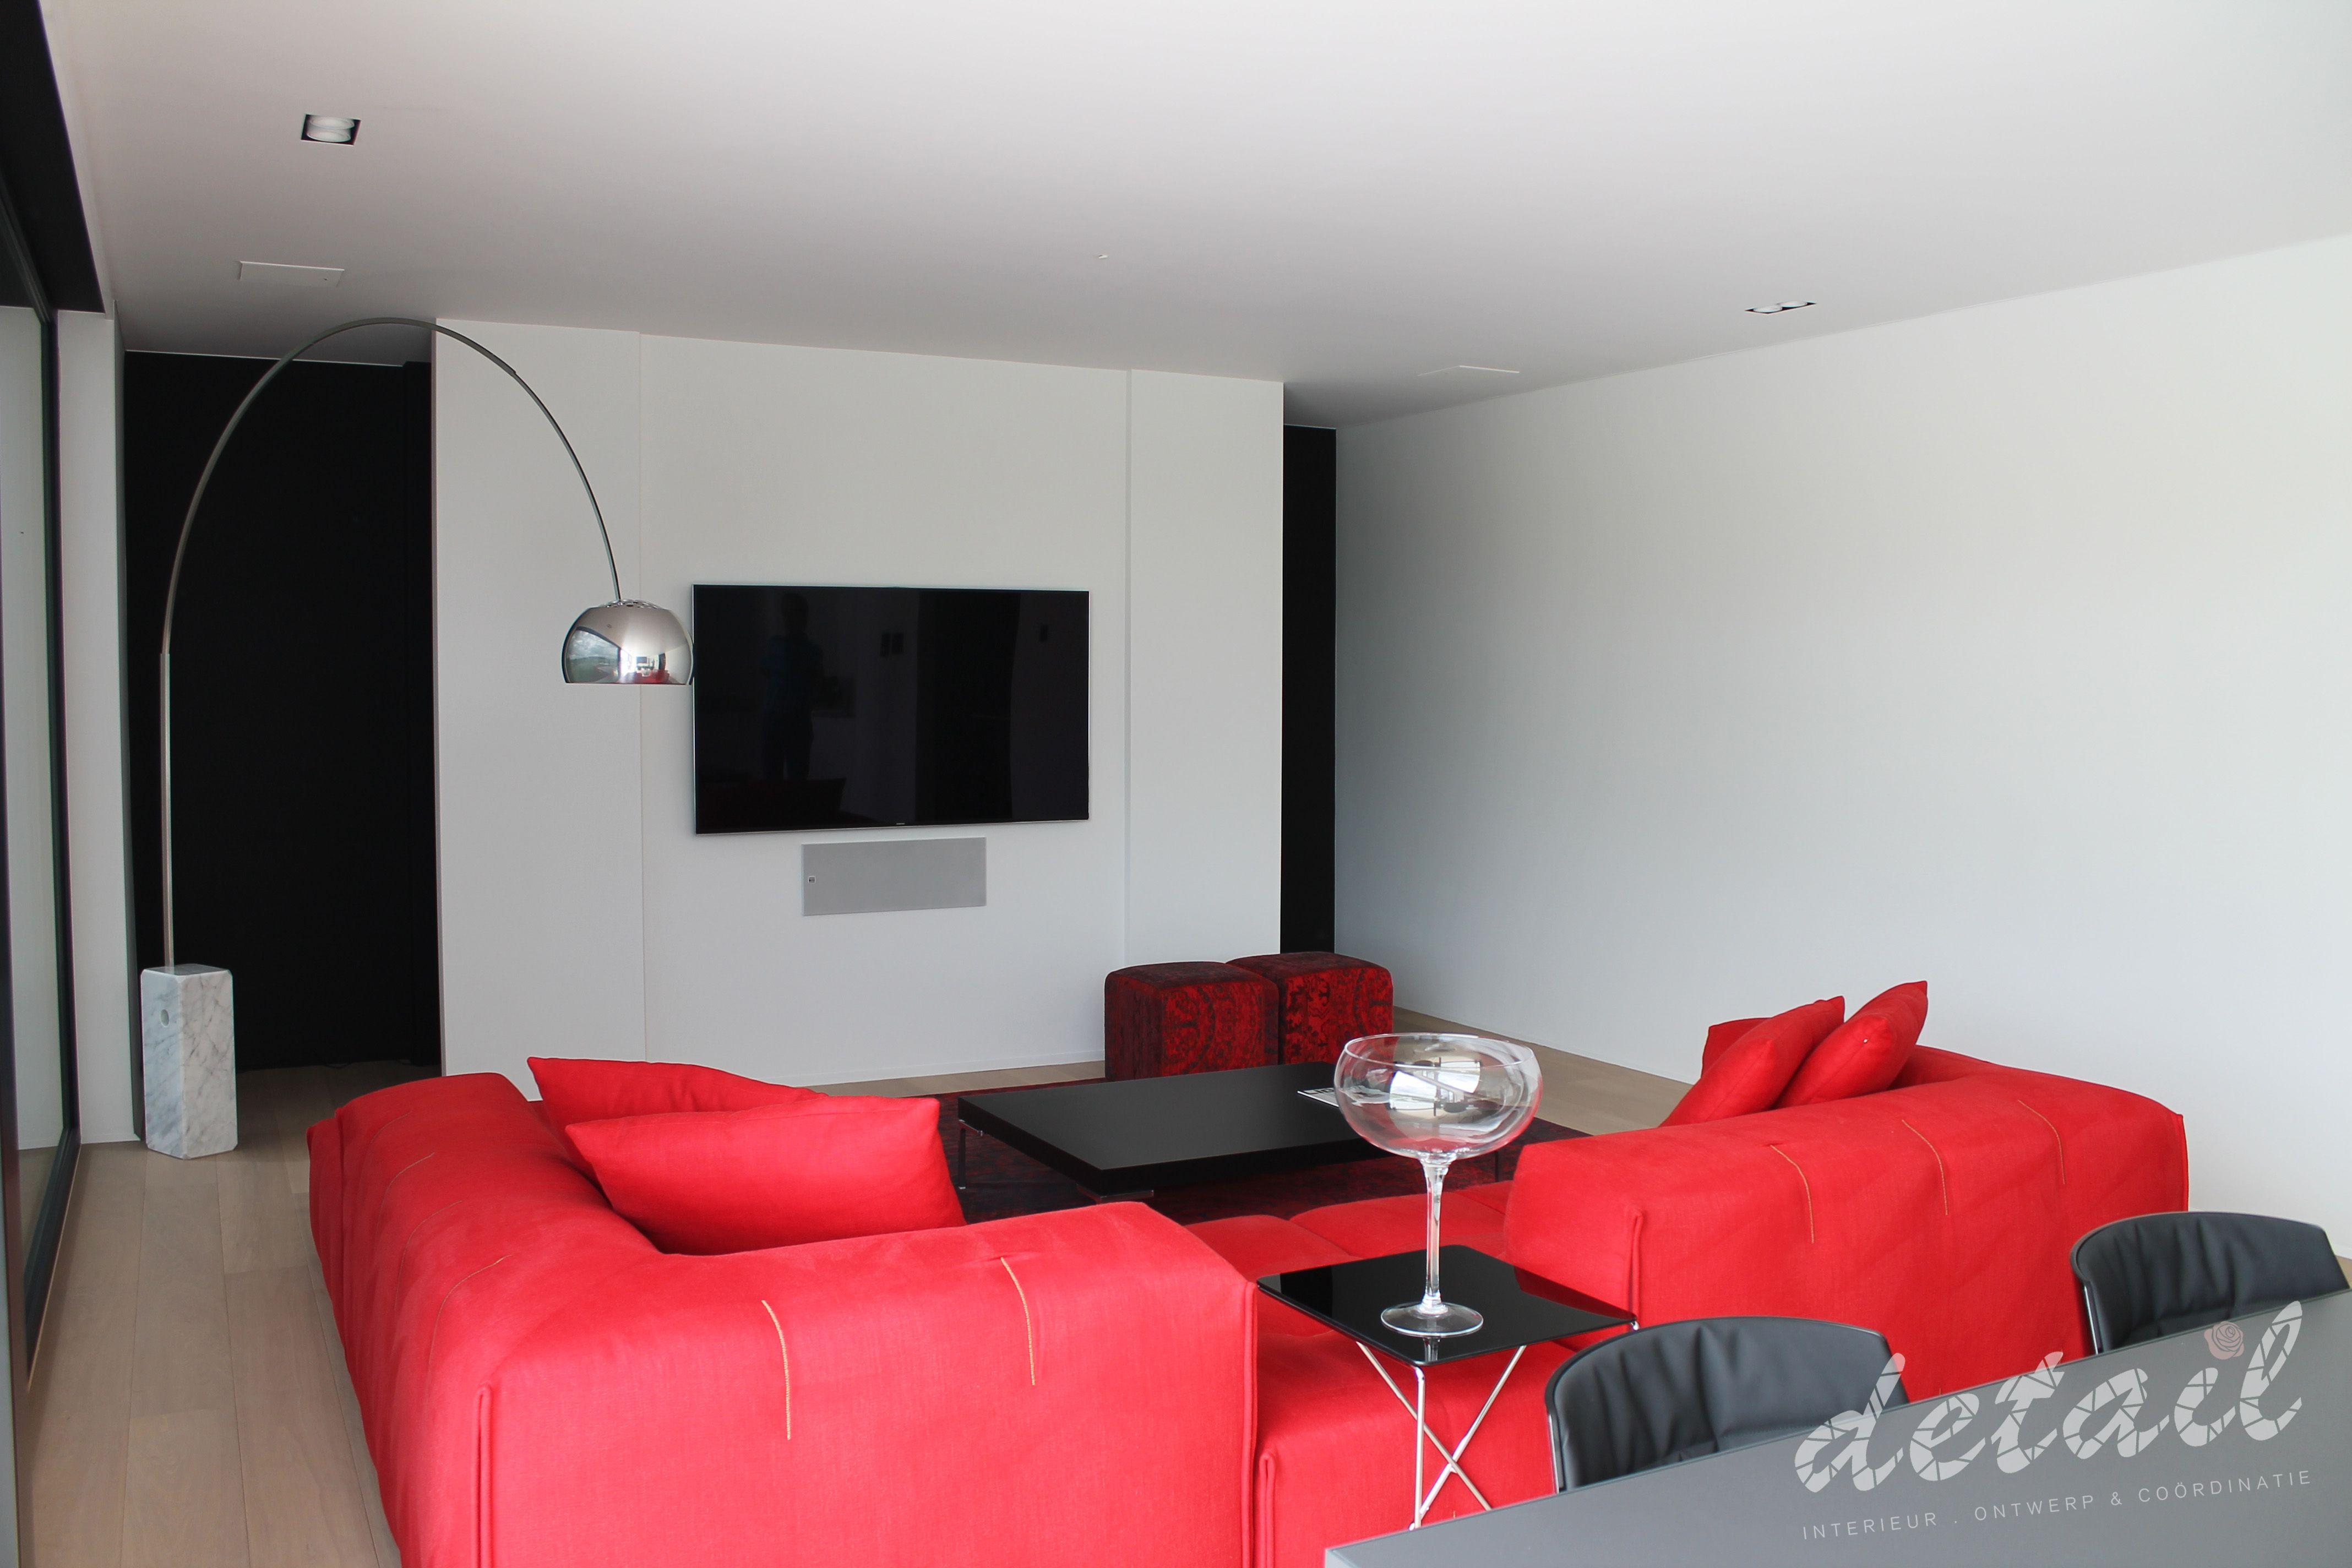 living room, red sofa - rode zetel, rode accenten in leefruimte